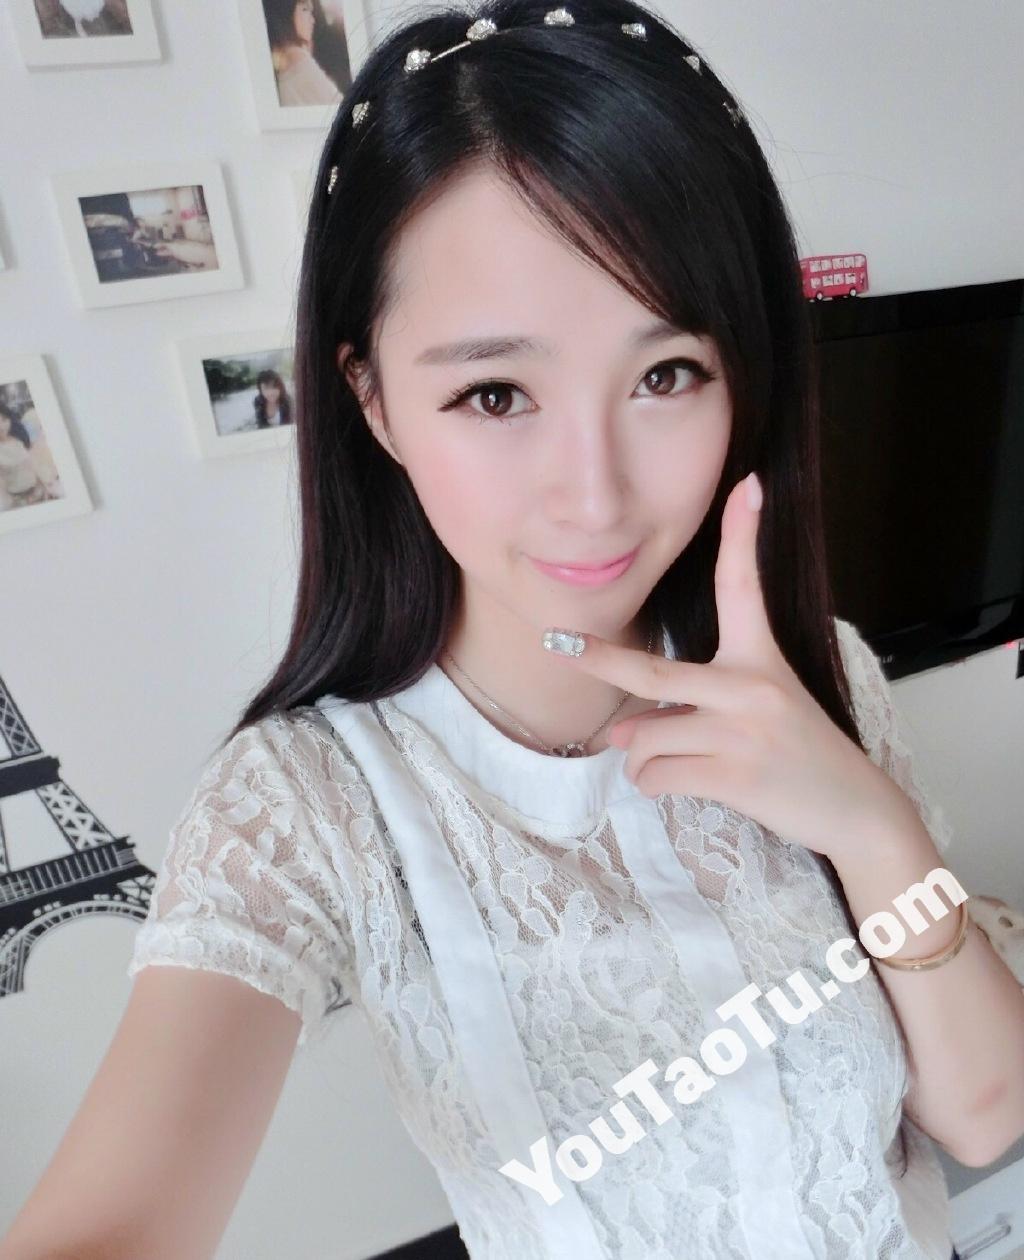 KK17 391张 气质美女网红自拍套图-7